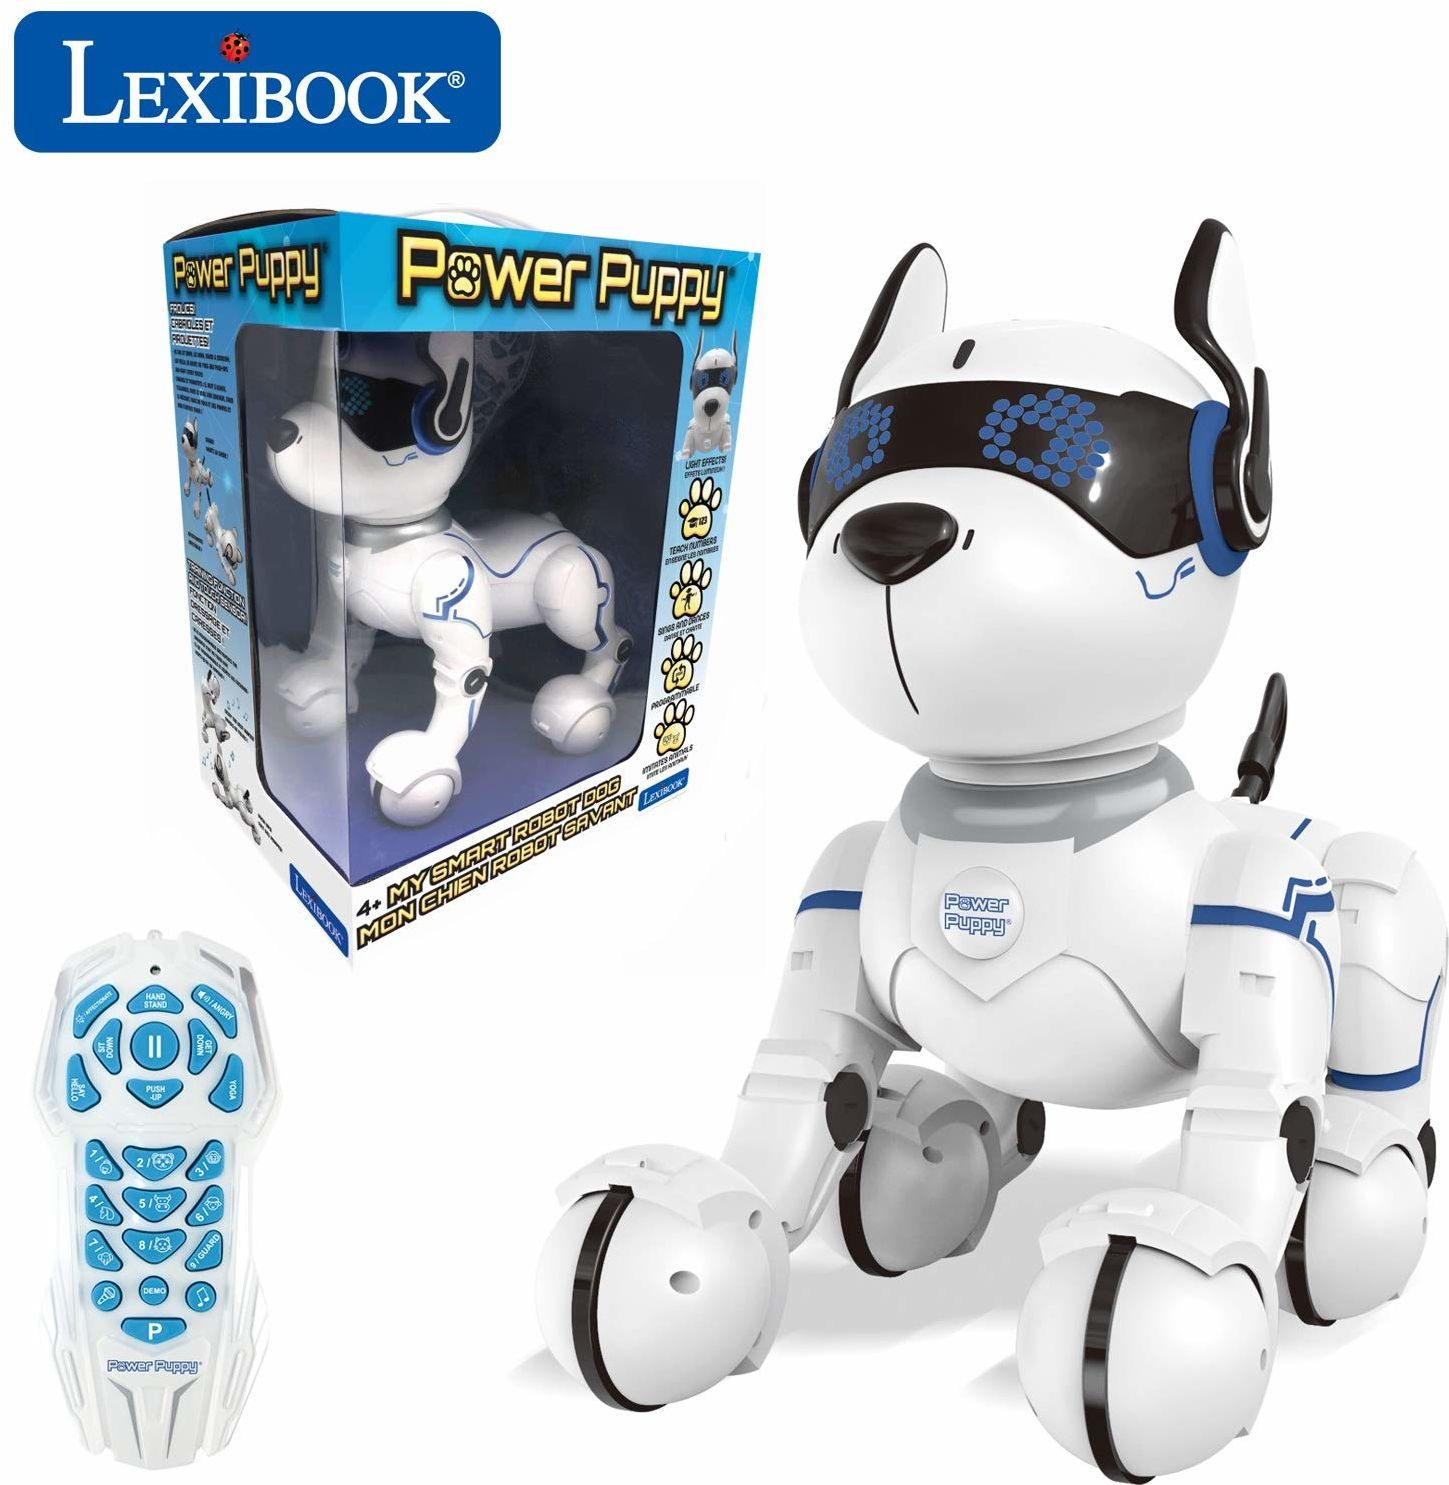 Lexibook DOG01 Power Puppy inteligentny robot programowalny z pilotem zdalnego sterowania, taniec, joga, funkcja treningu, śpiewanie